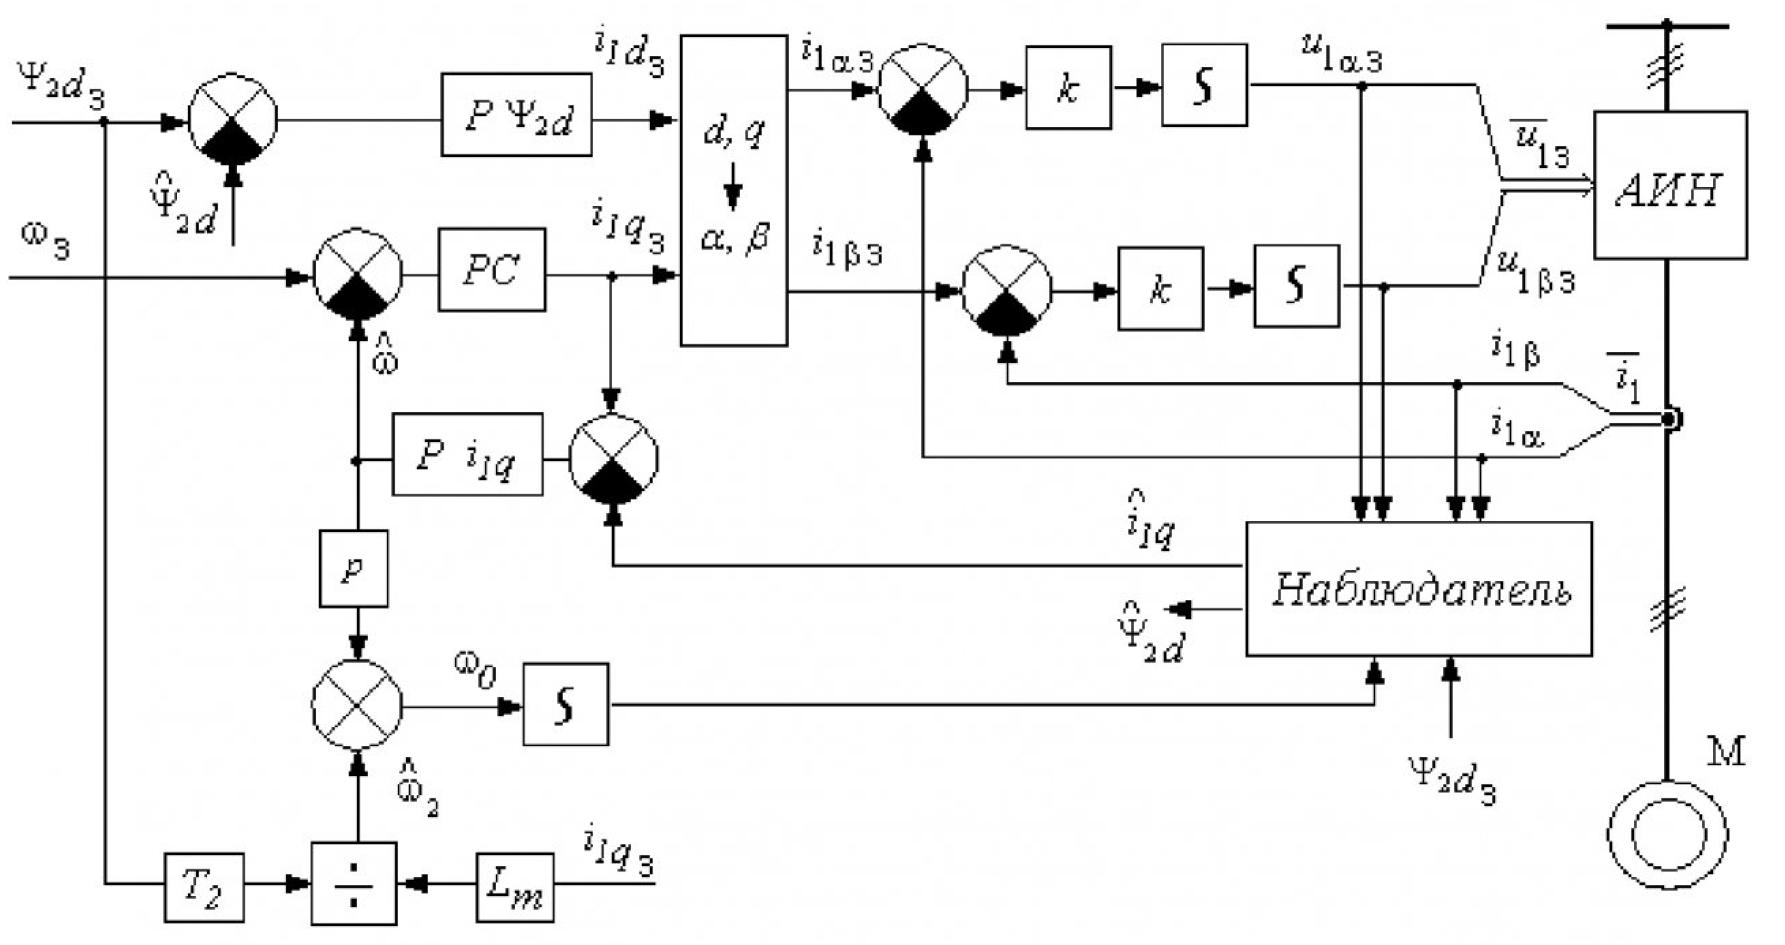 Сравнительный анализ систем регулирования угловой скорости асинхронного электродвигателя 5